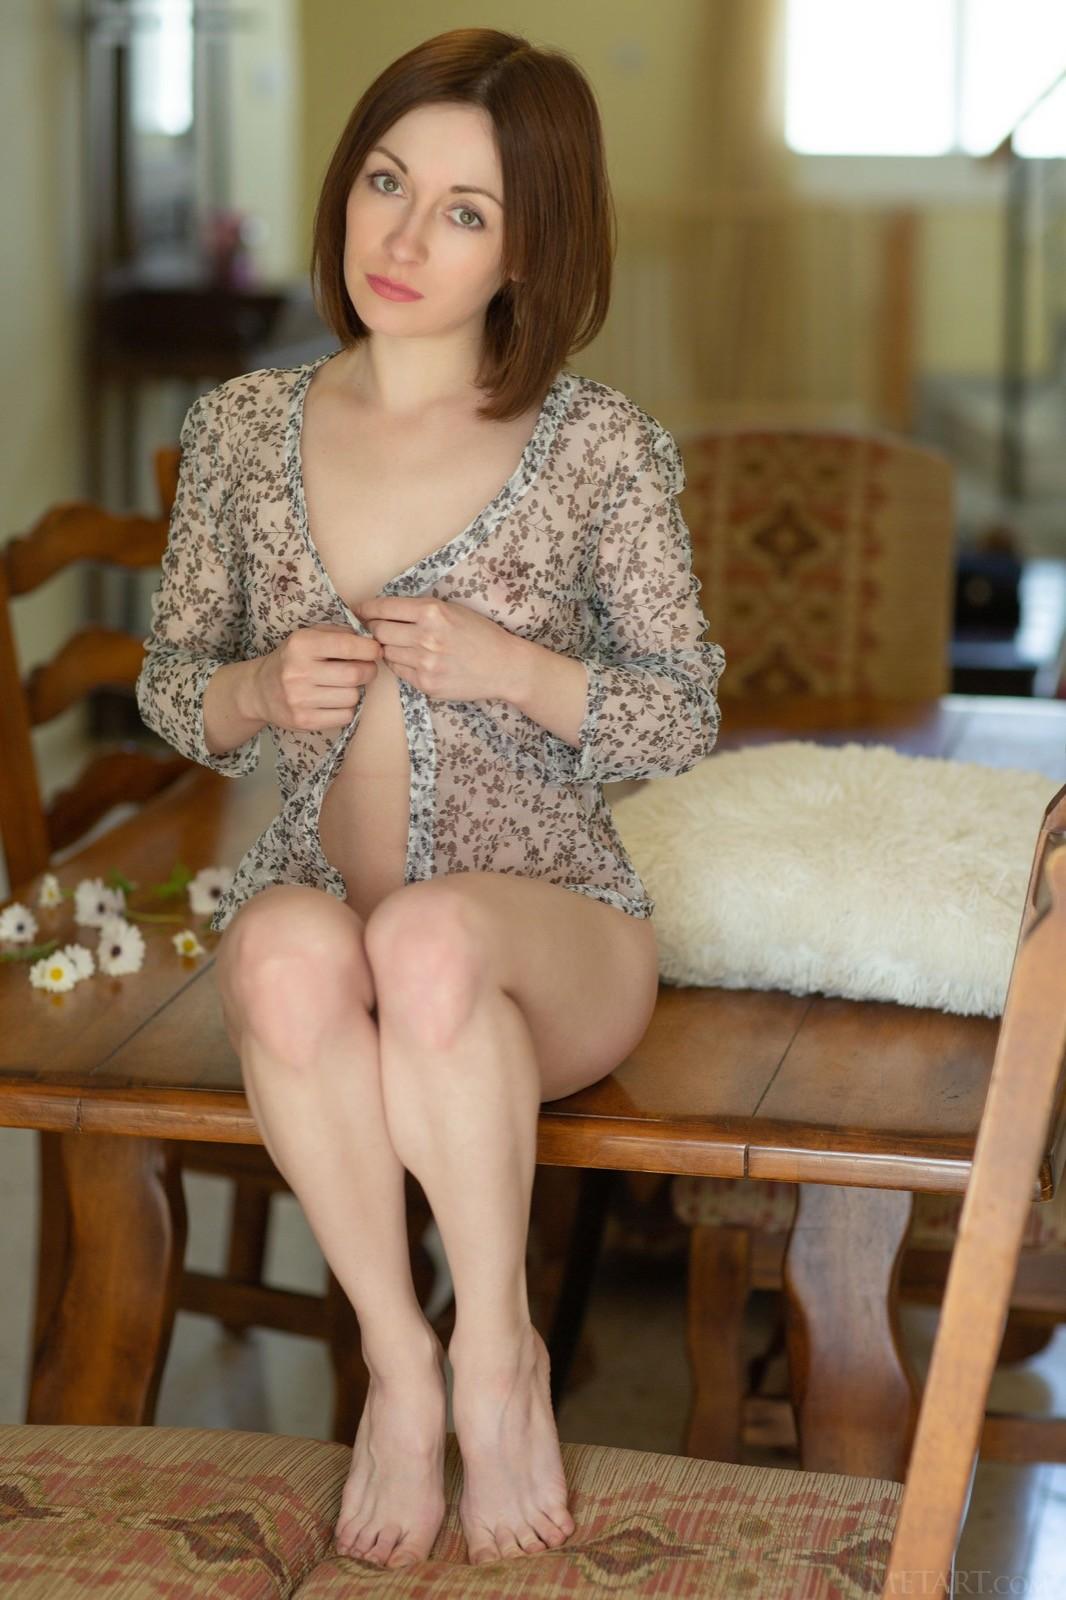 Девушка с плоской грудью и волосатой писькой - фото